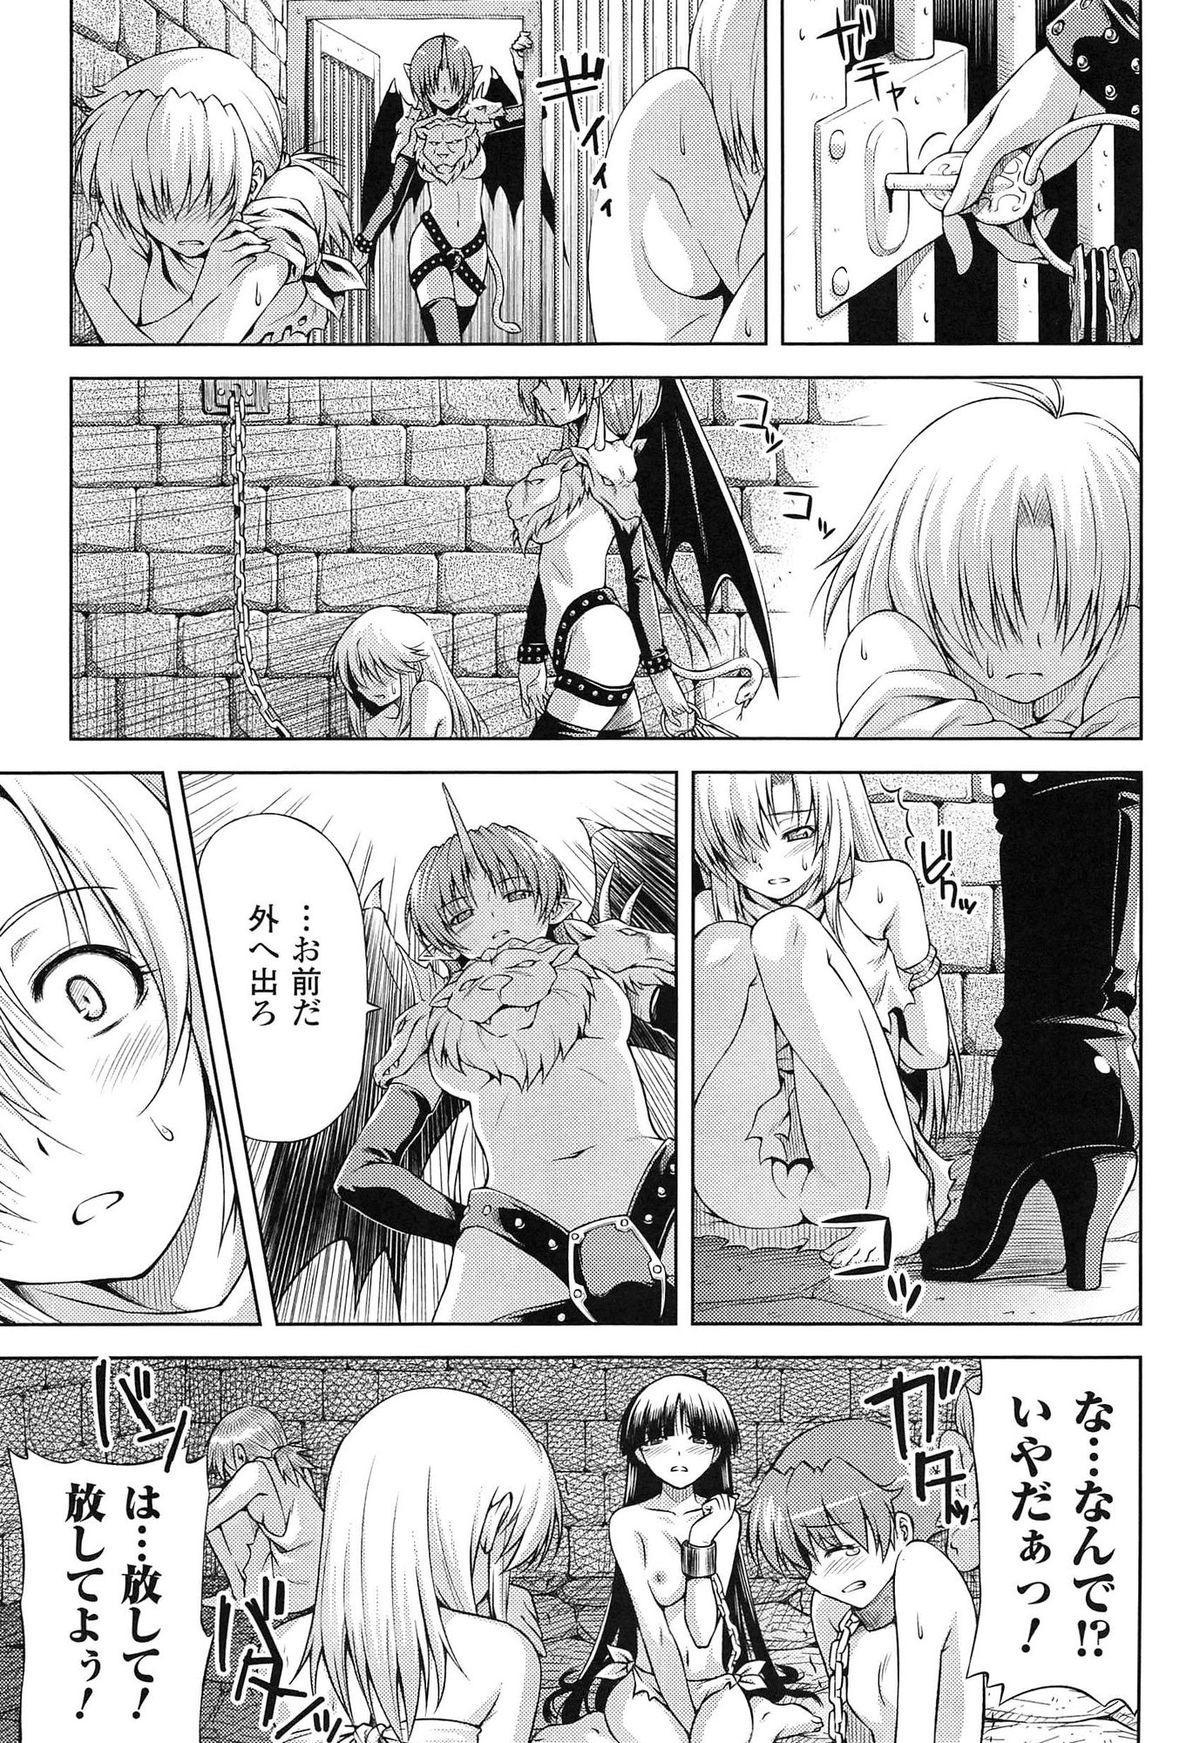 [kazuma muramasa, ZyX] Ikazuchi no Senshi Raidy ~Haja no Raikou~ THE COMIC 46